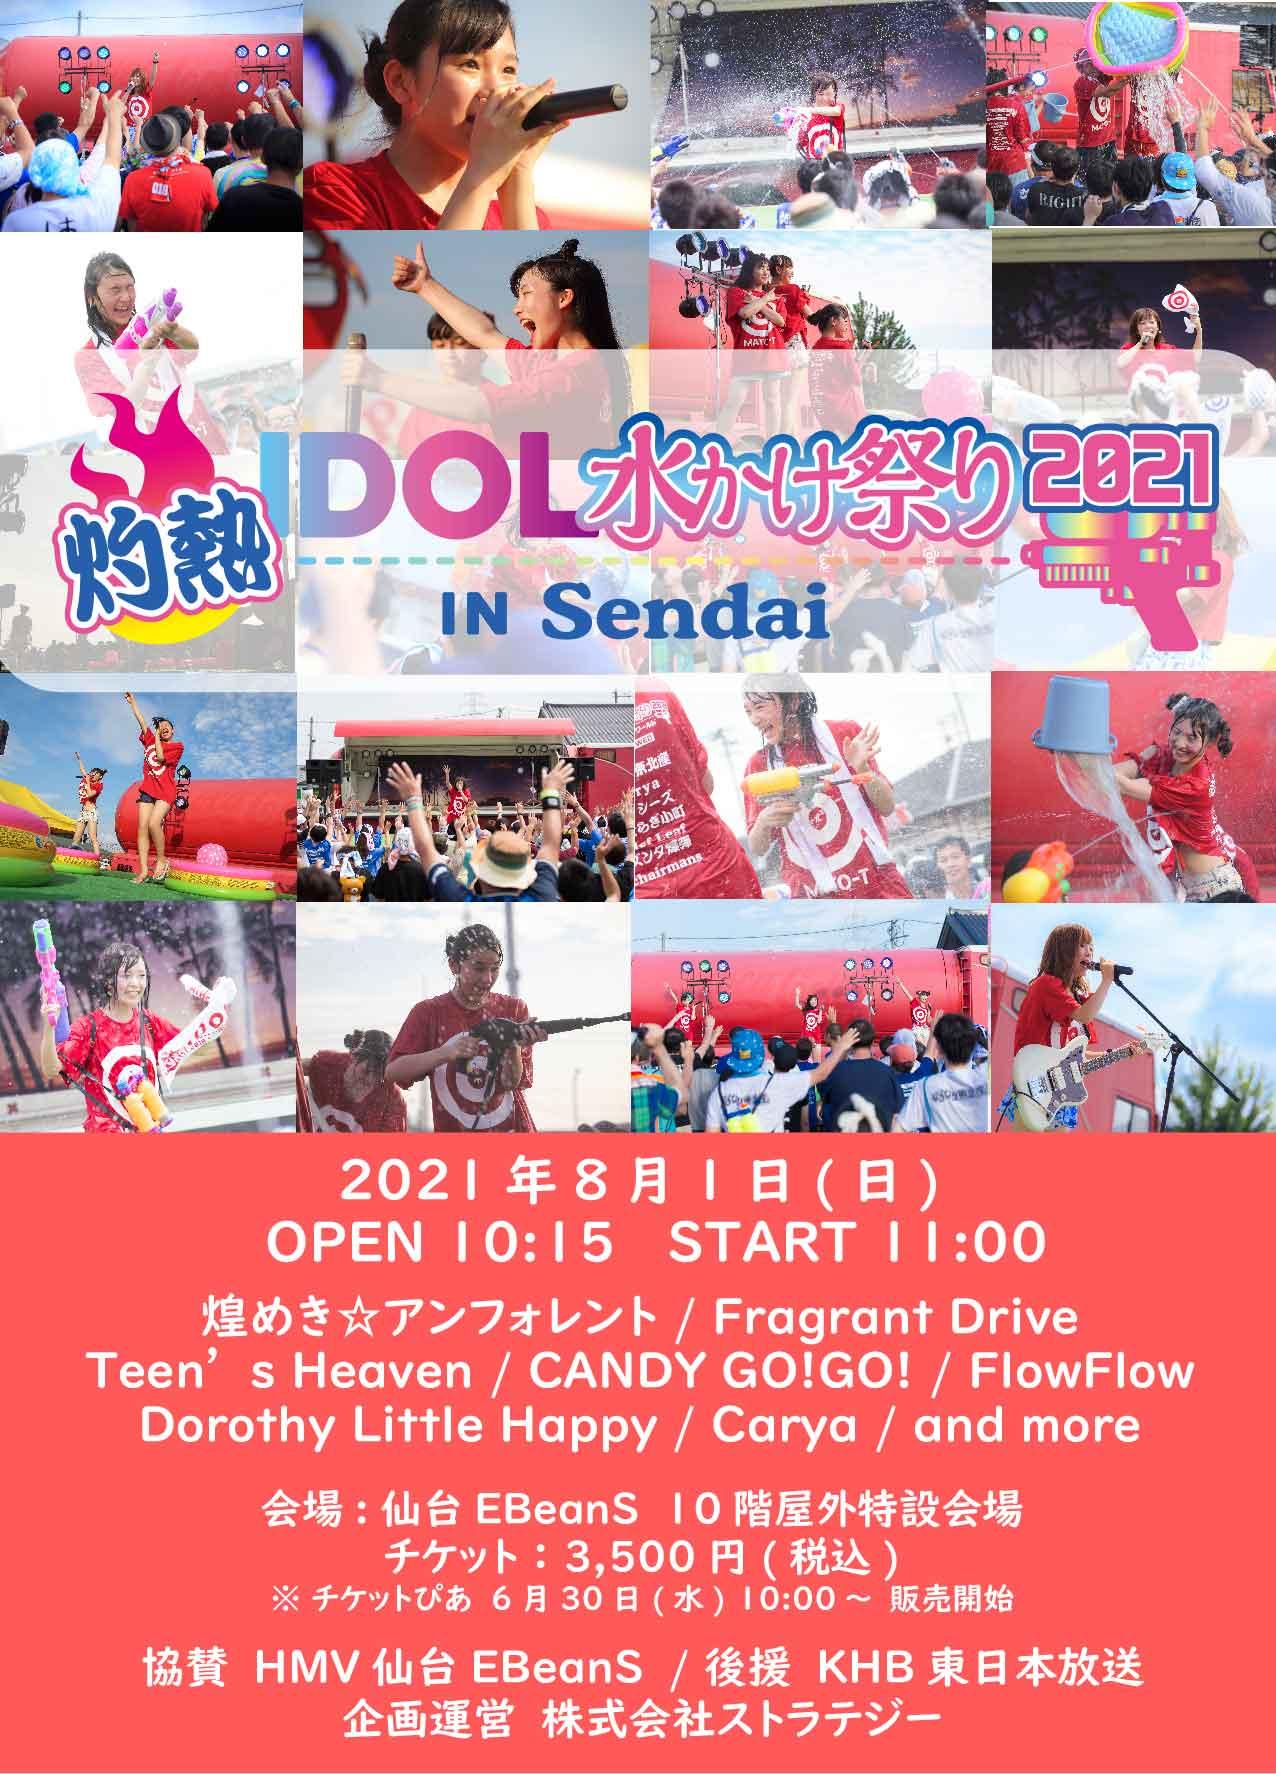 灼熱アイドル水かけ祭り2021 in Sendai